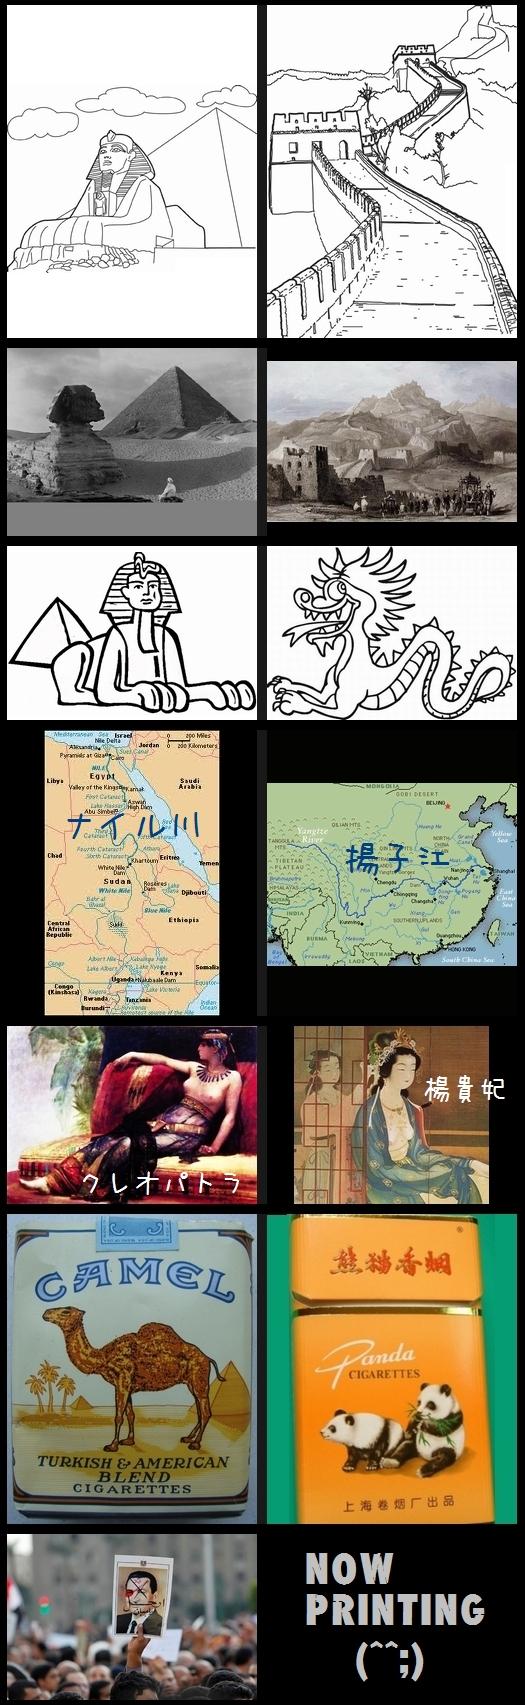 エジプトをとても気にしている中国